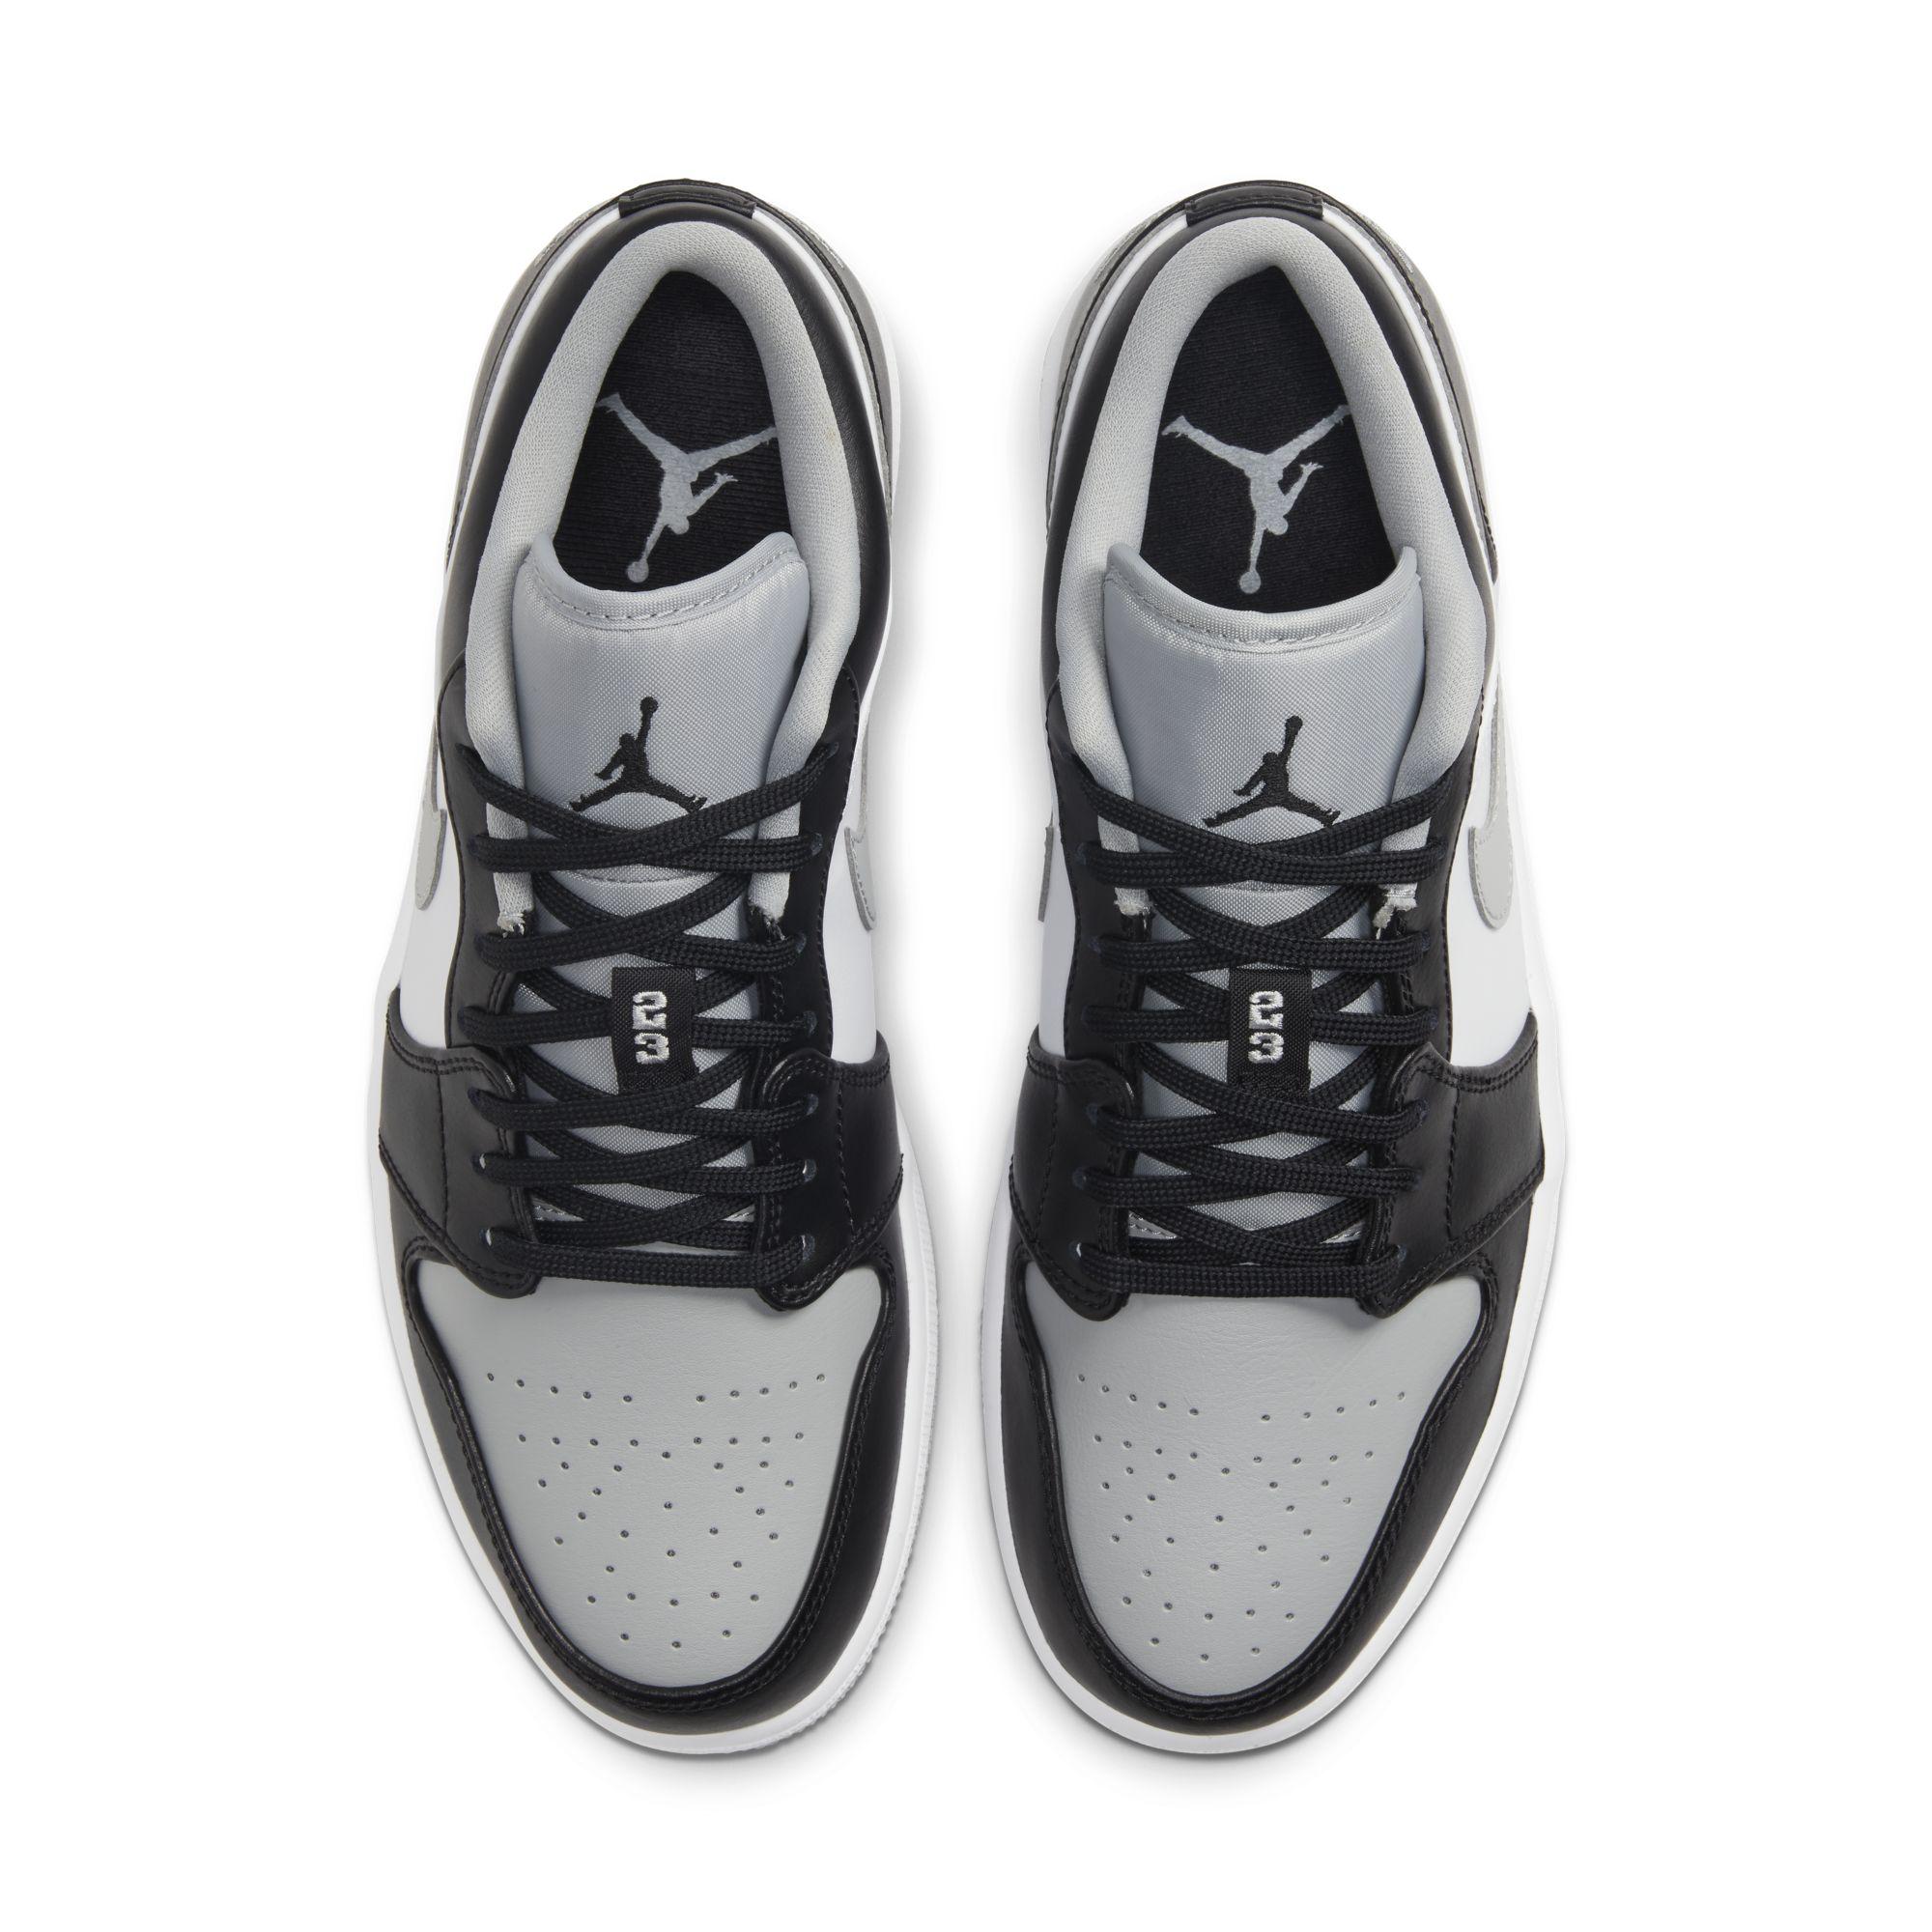 AJ1,Air Jordan 1 Low, 满满的 OG 气质!这双 Air Jordan 1 Low 估计很抢手!